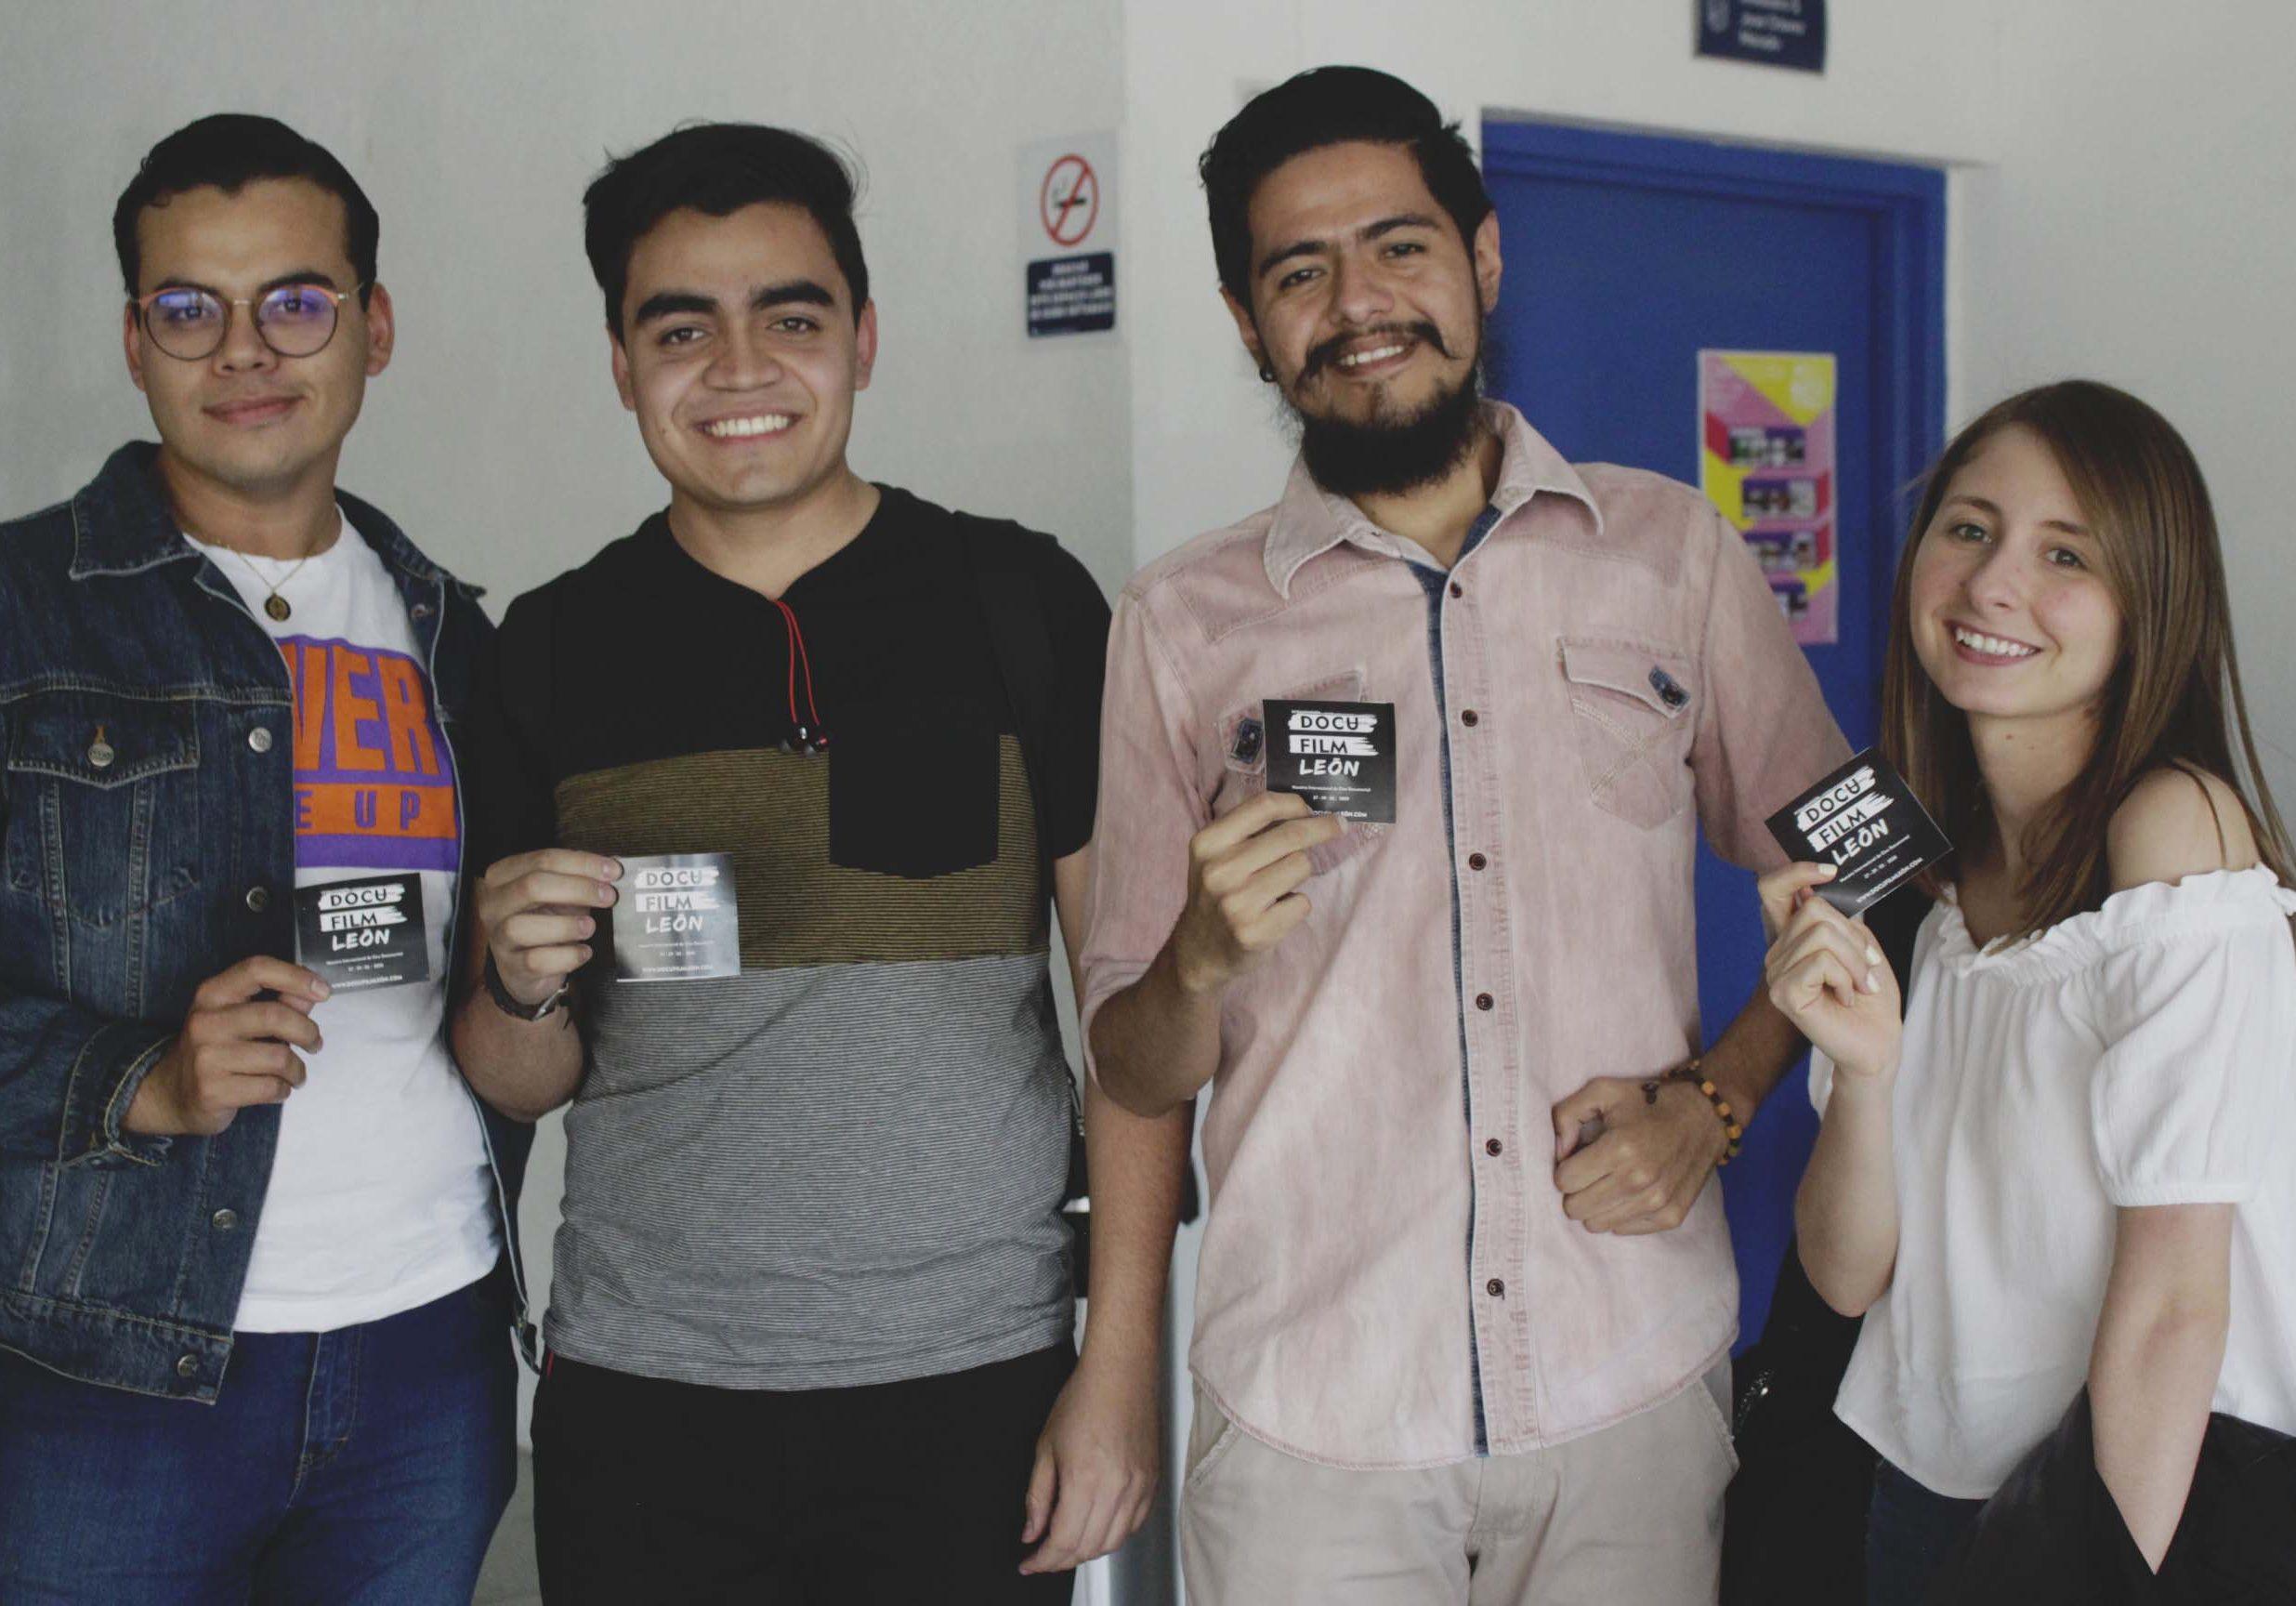 Docu Film León 2020 Universidad de Guanajuato Cine Martes de Terraza